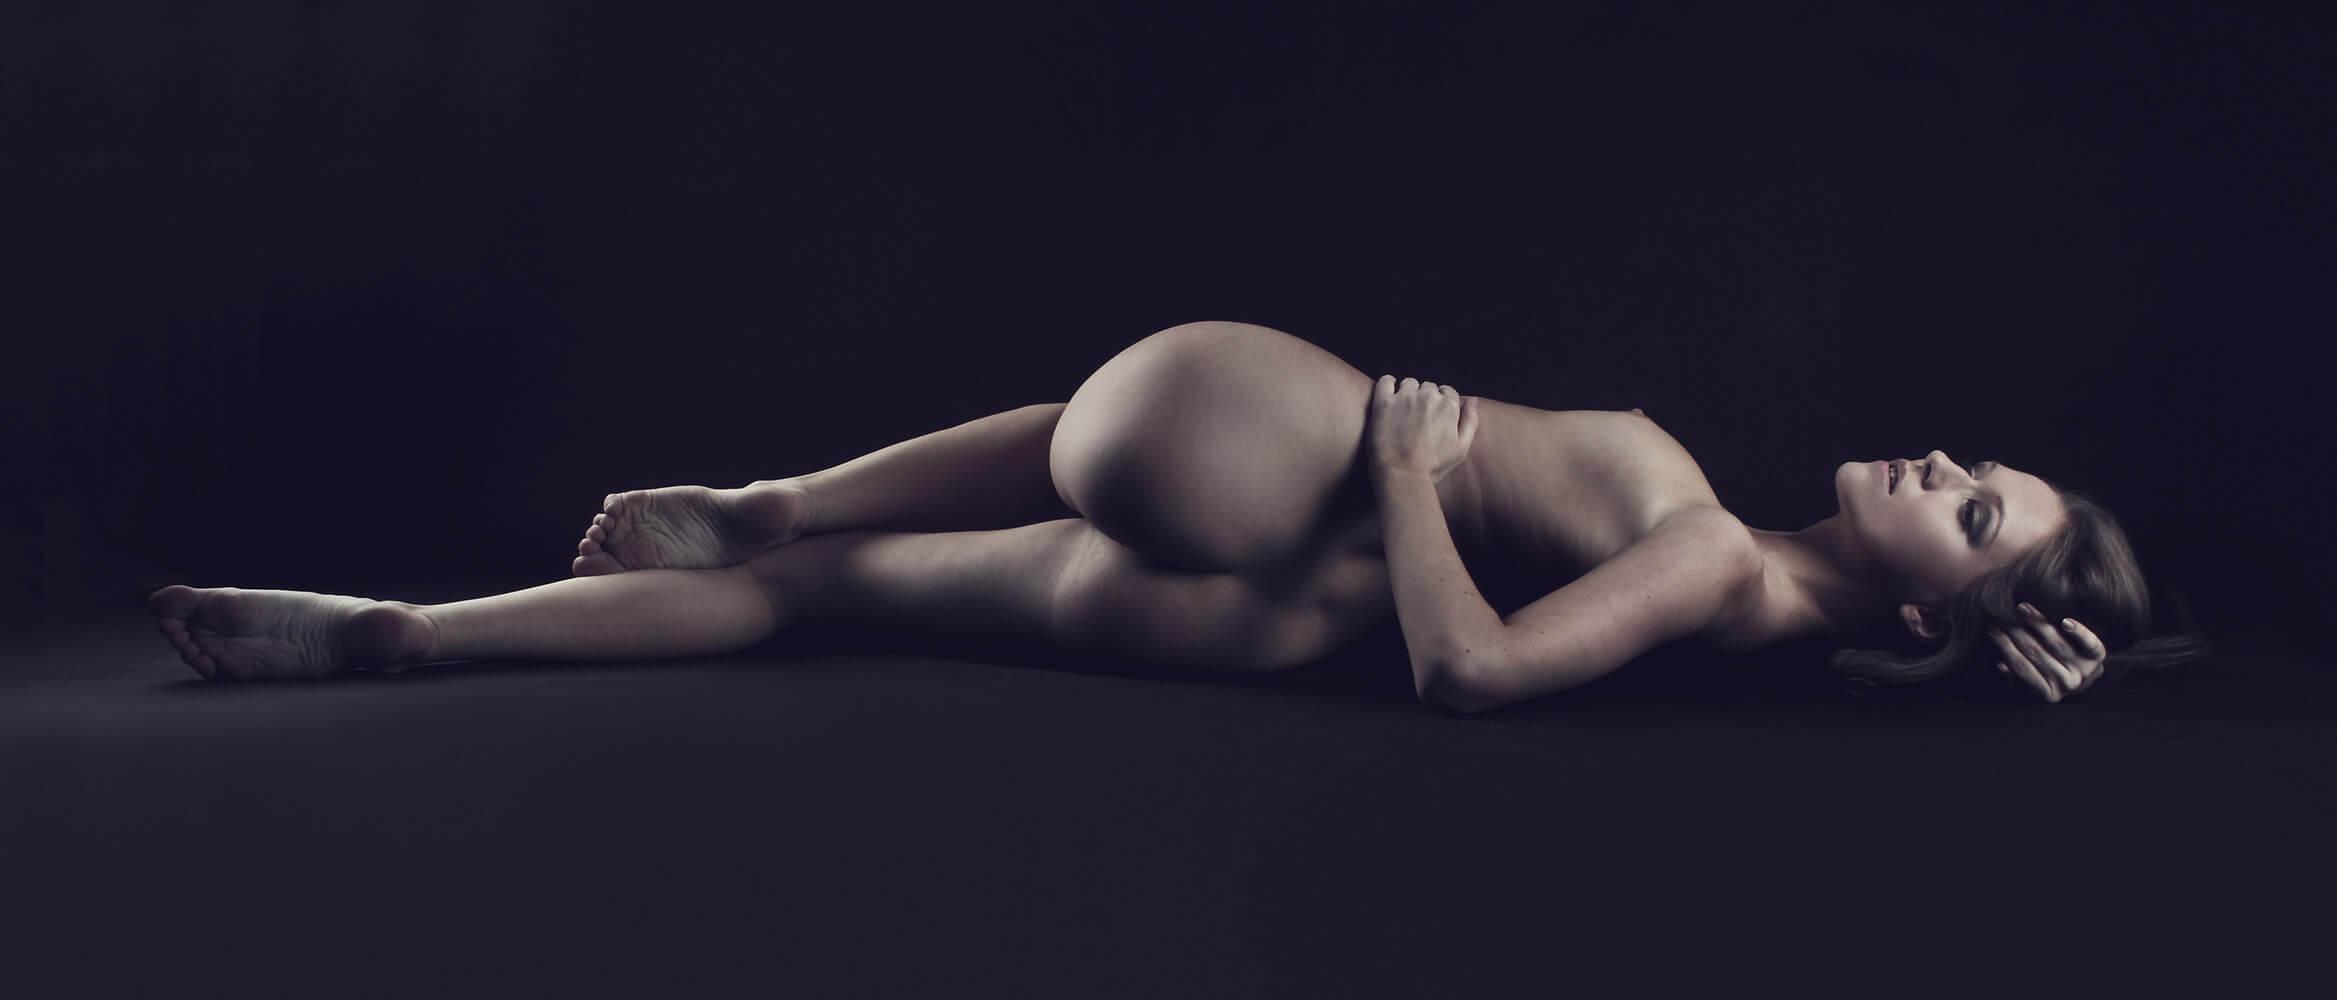 ležící ženský umělecký akt na tmavém pozadí